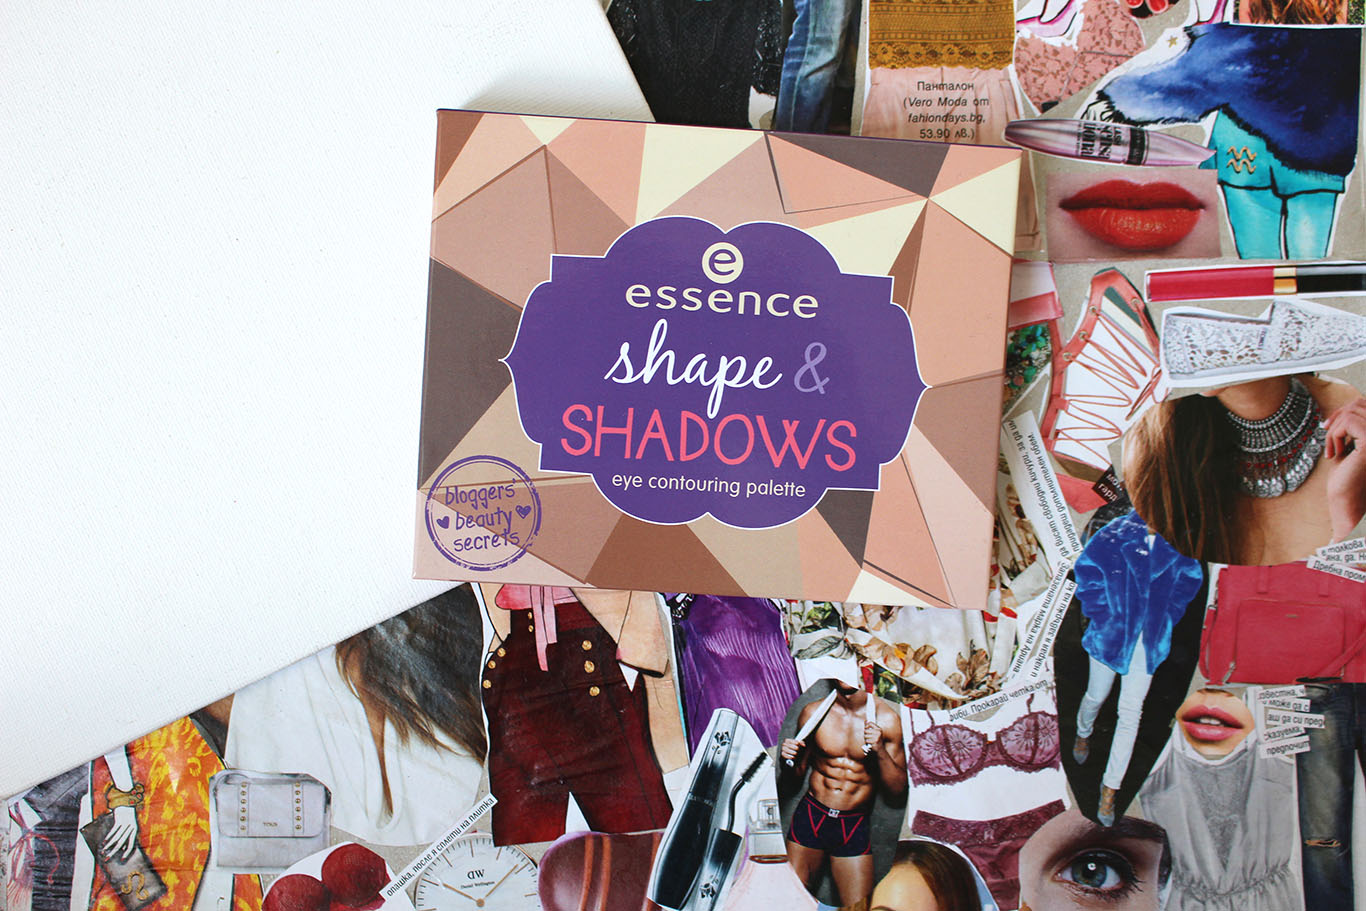 essence shape & shadows